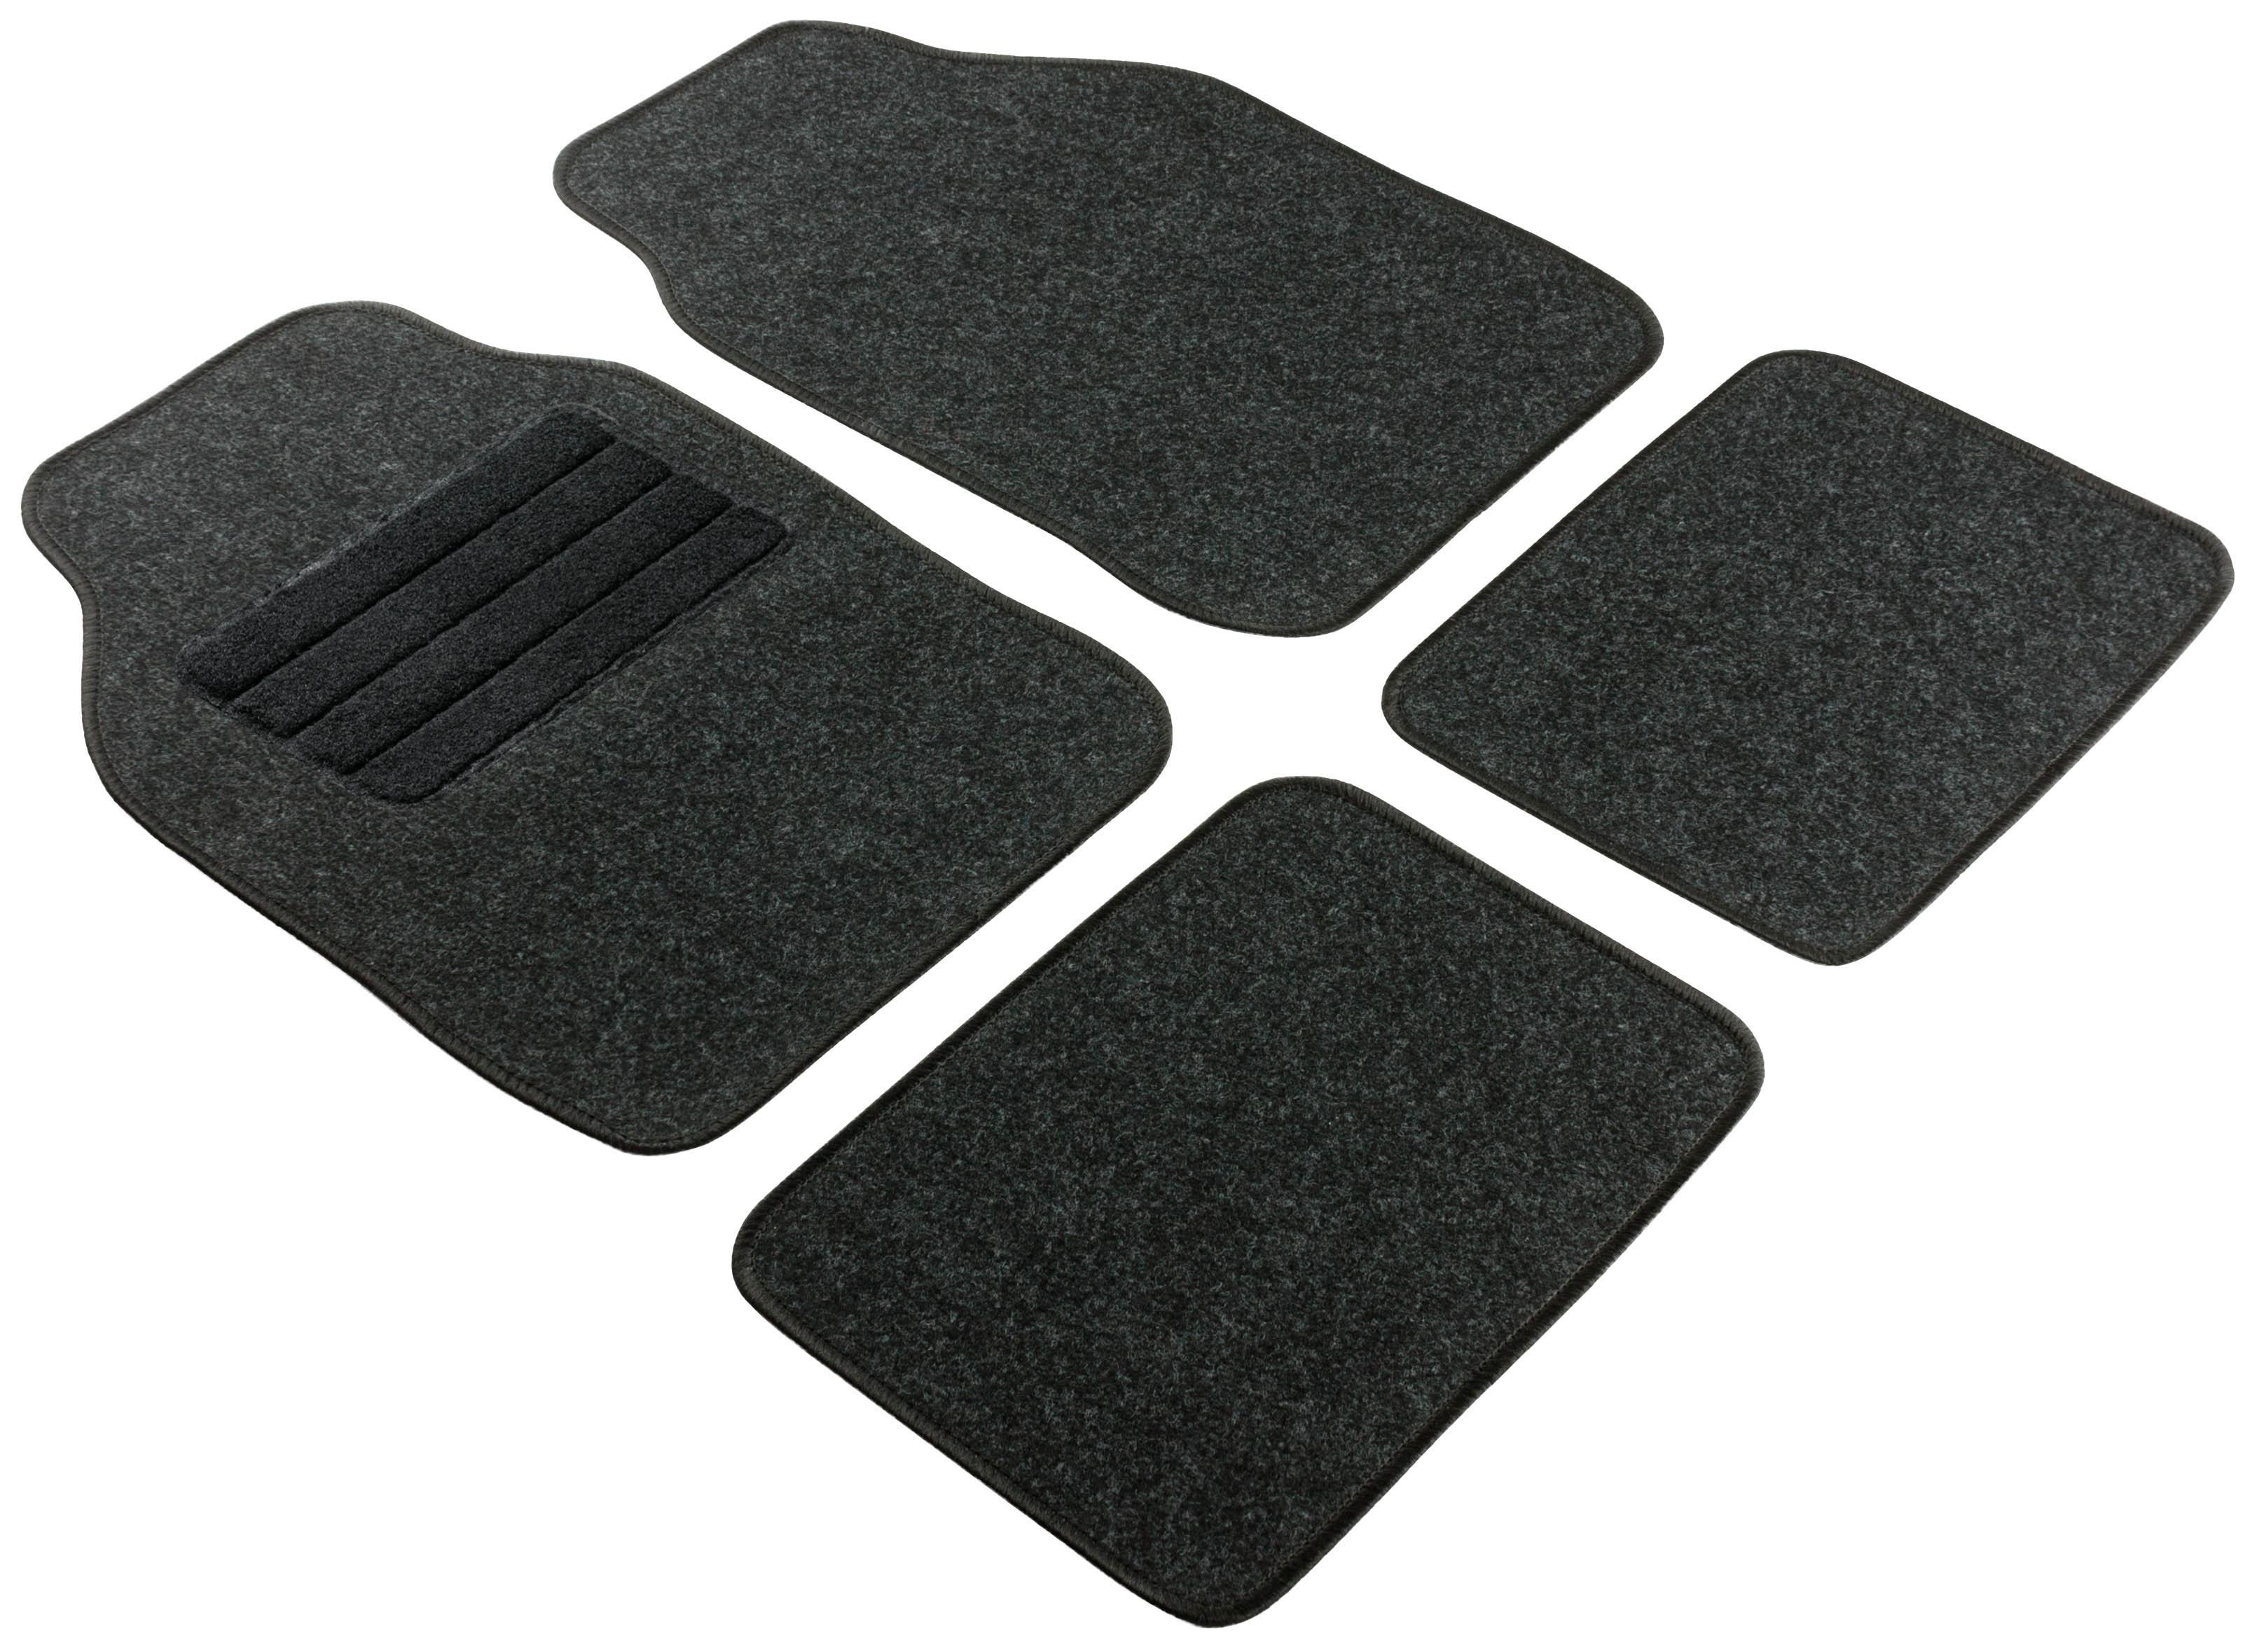 Achat de 14459 WALSER Adaptation universelle, Regio Textile, avant et arrière, Quantité: 4, noir Taille: 33x44, 68x44 Ensemble de tapis de sol 14459 pas chères